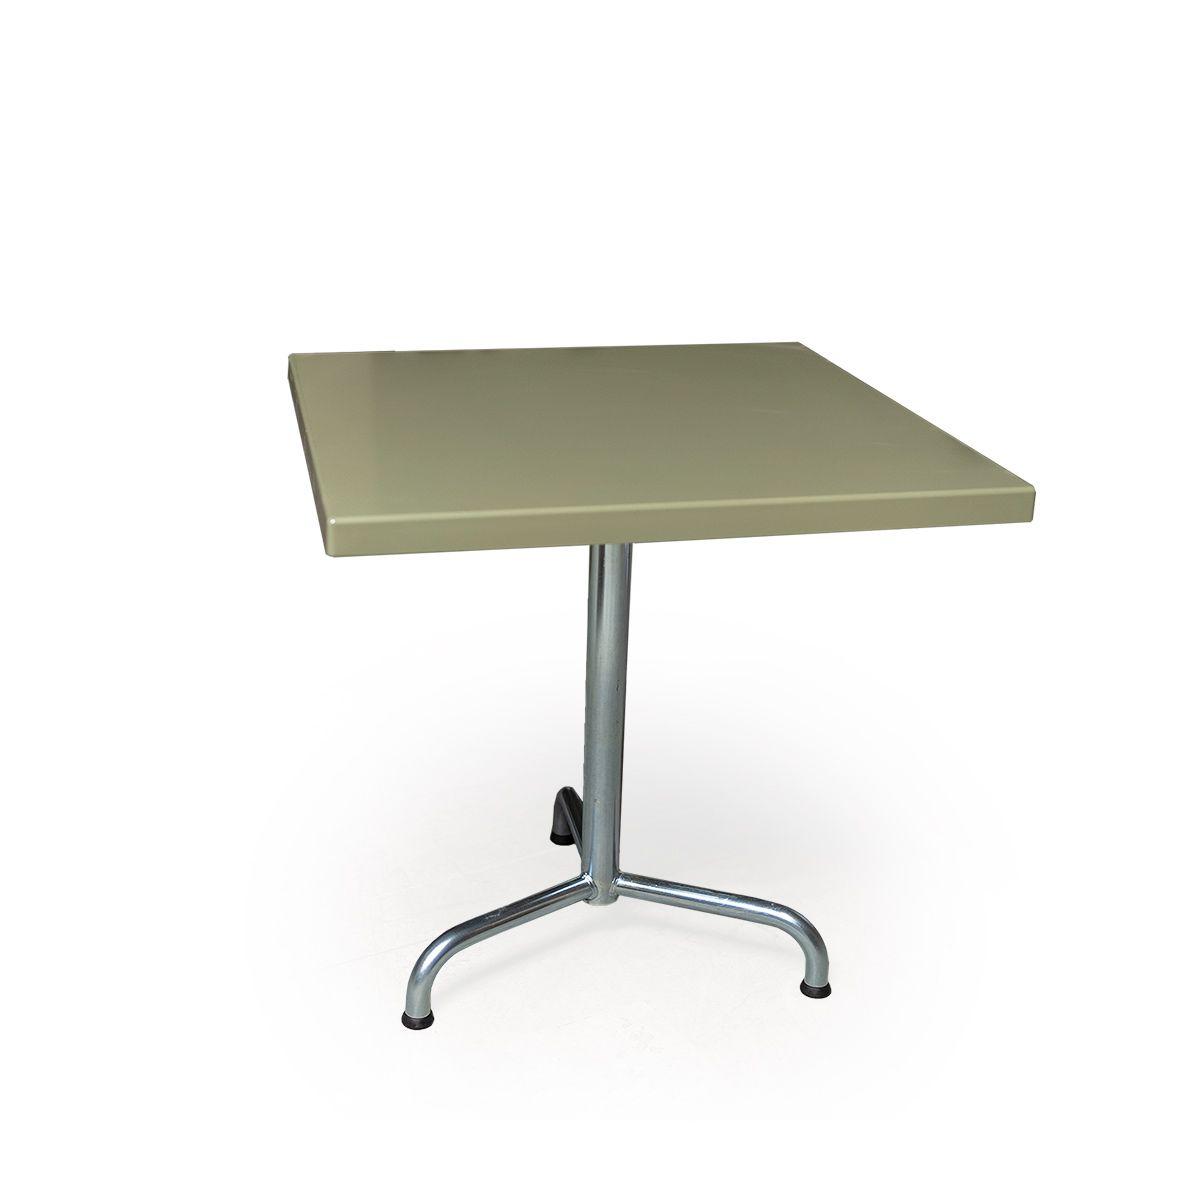 GFK Tisch grün, glanz, Untergestell galvanisch, 3-Stern Retro, 70 x 70 x 3.5 cm, H 73 cm